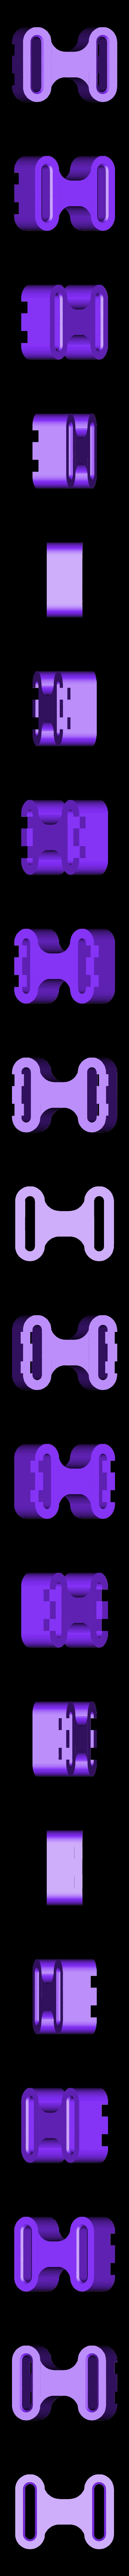 spool_holder_support_base_extension.stl Télécharger fichier STL gratuit Porte-bobine pour Anycubic I3 Mega - étendu • Plan pour imprimante 3D, marigu